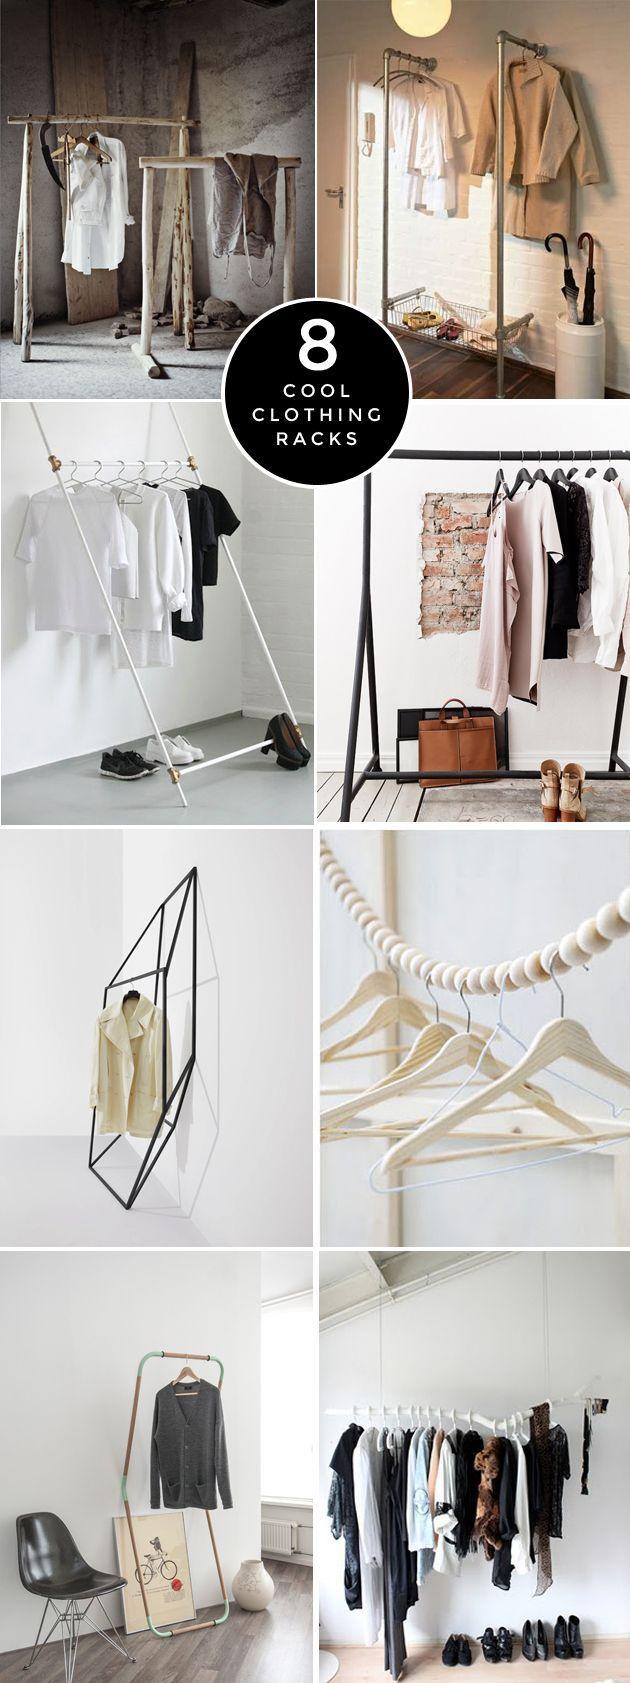 #WestwingNL. Creative Closet Ideas. Voor meer inspiratie: westwing.me/shopthelook